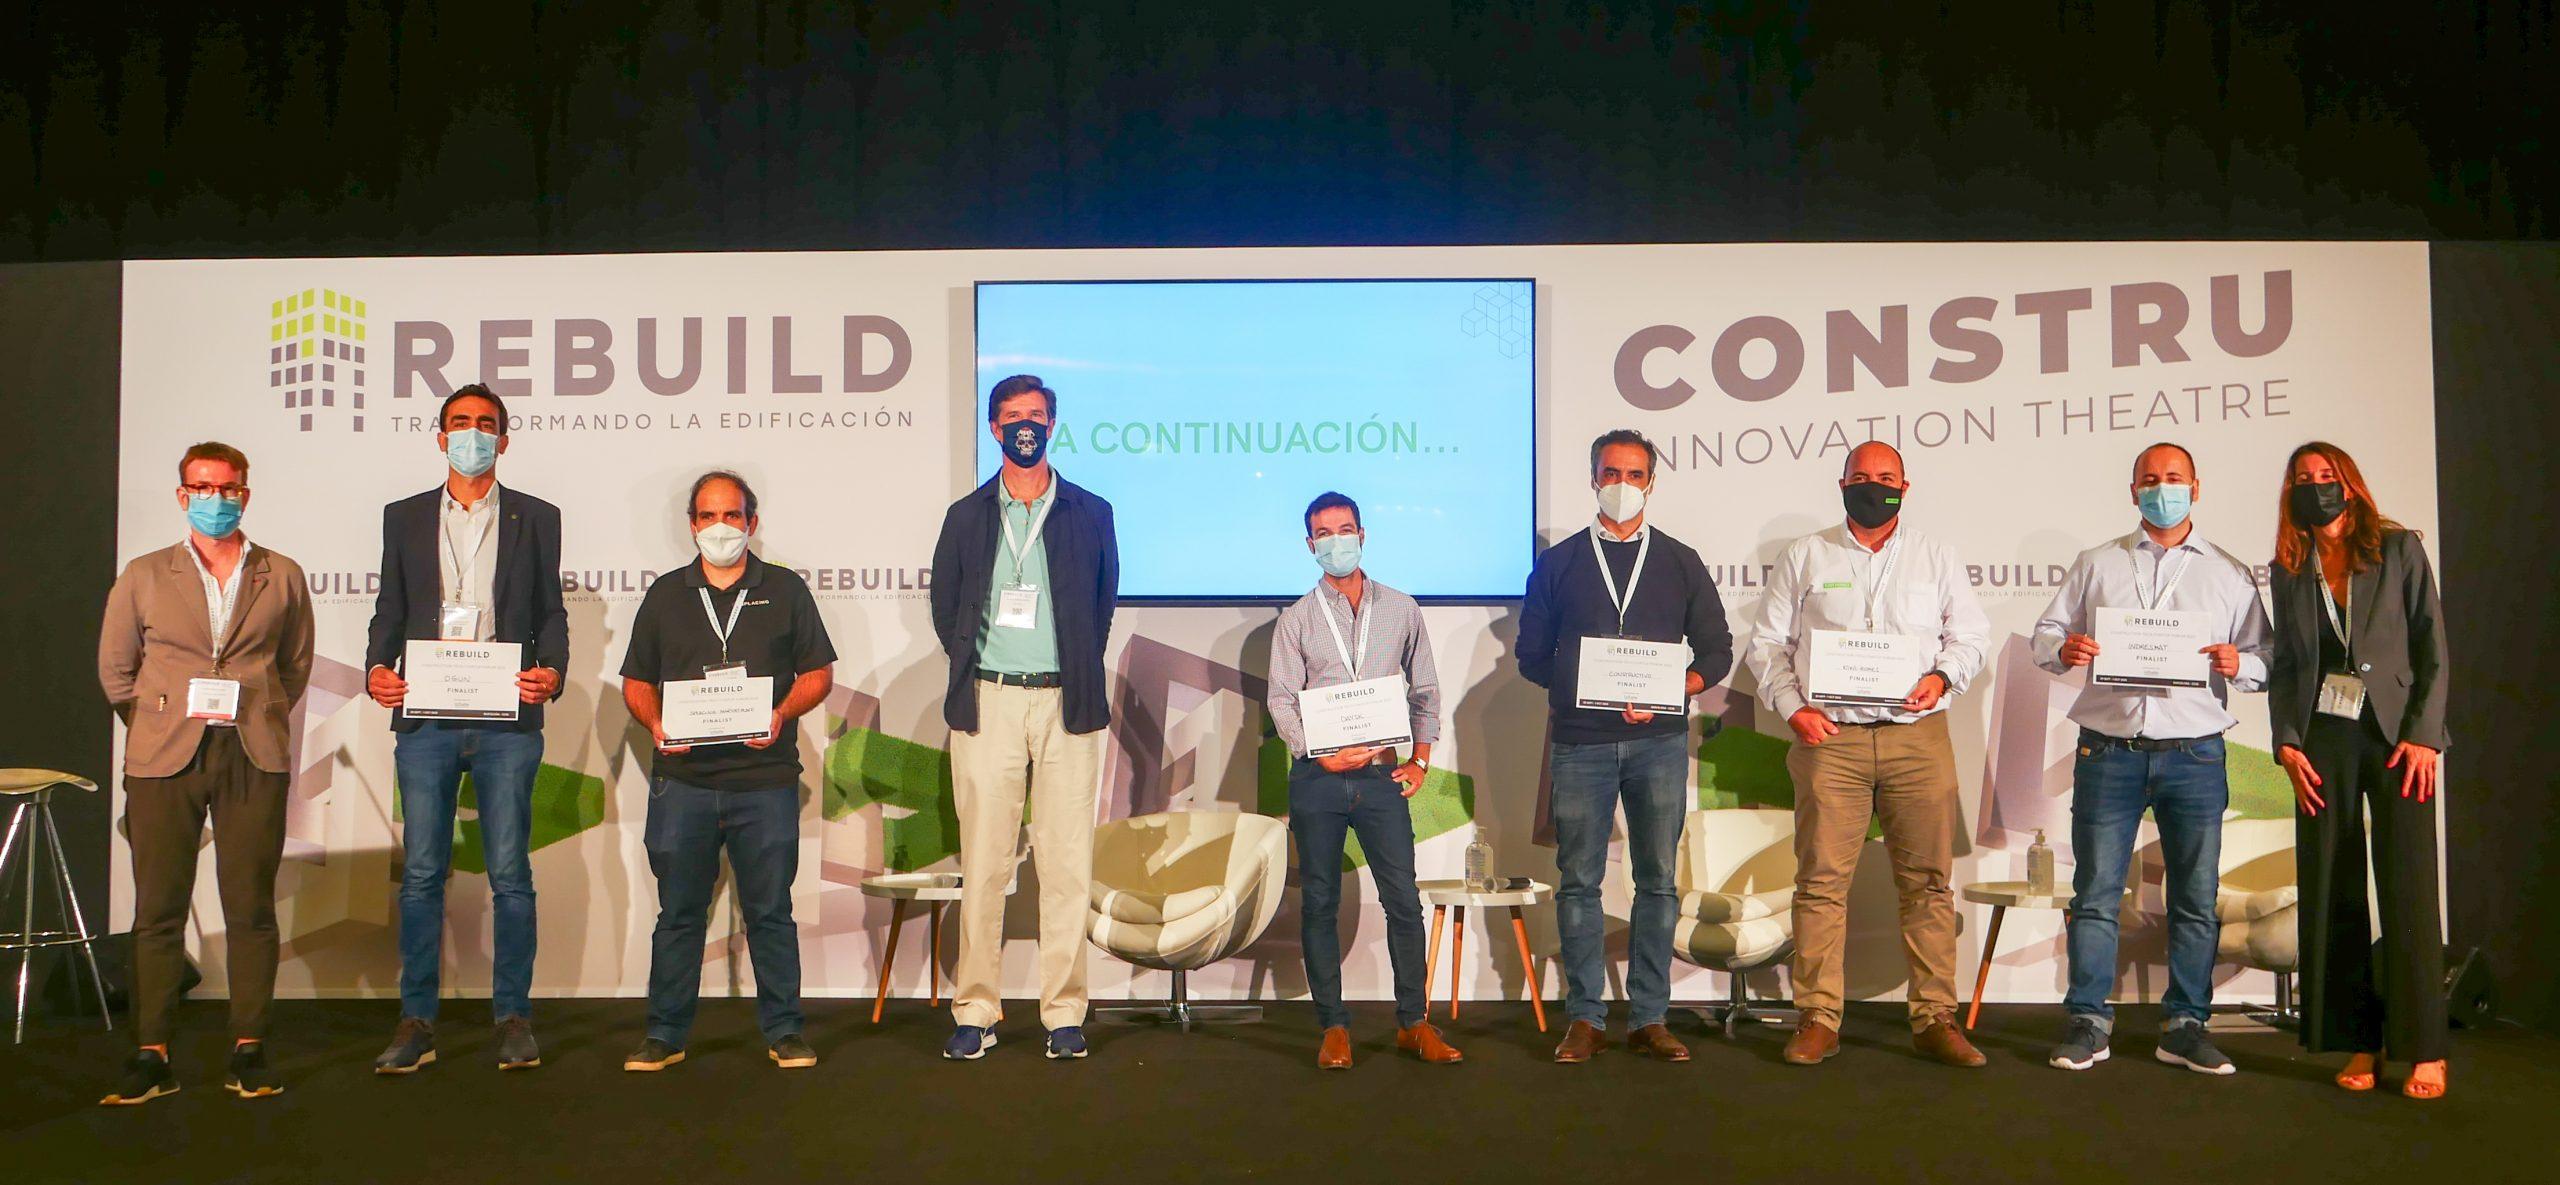 Las startups del sector de la edificación crecen en tiempos de Covid